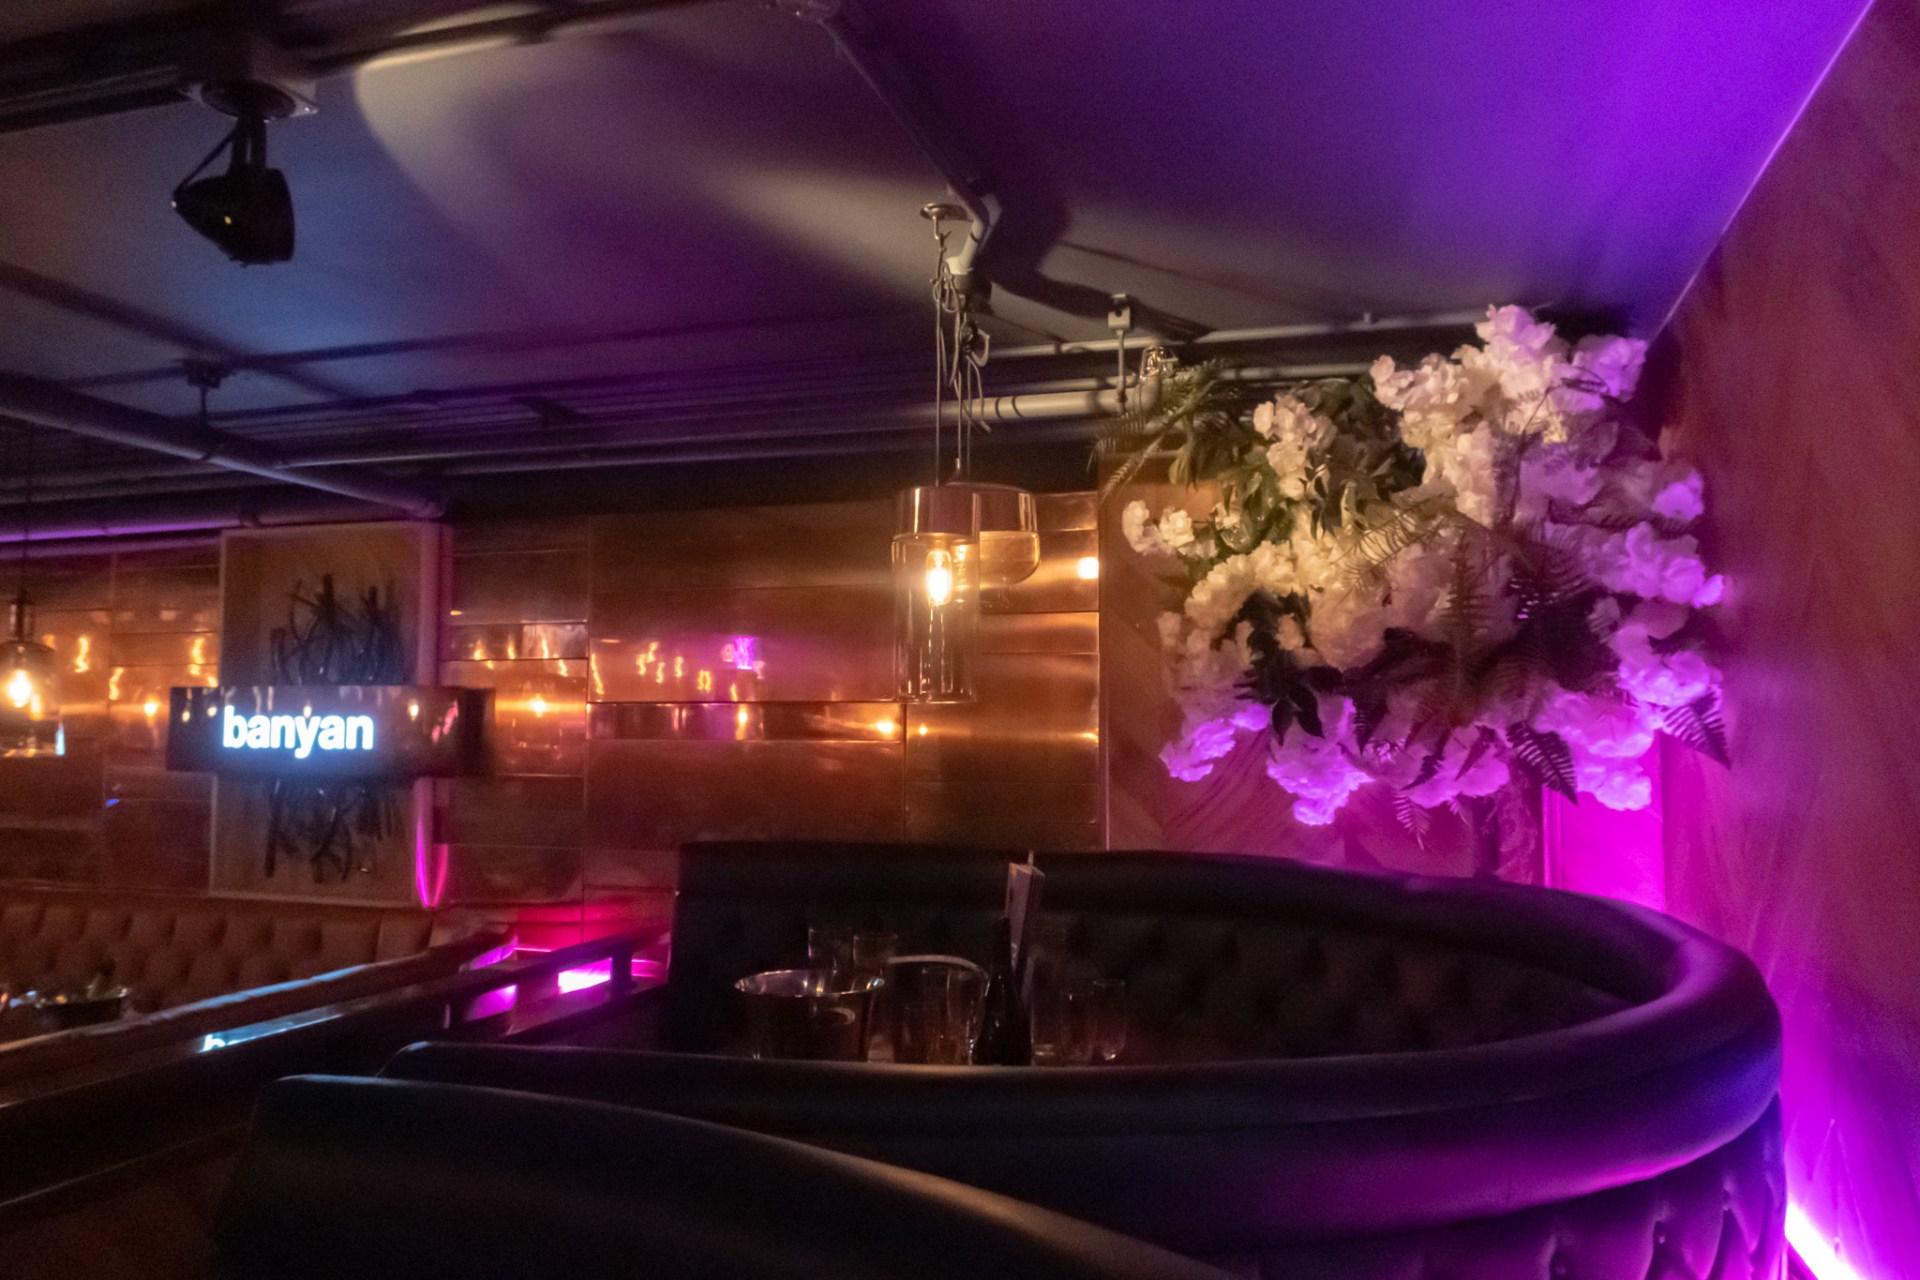 Banyan bar in Spinningfields